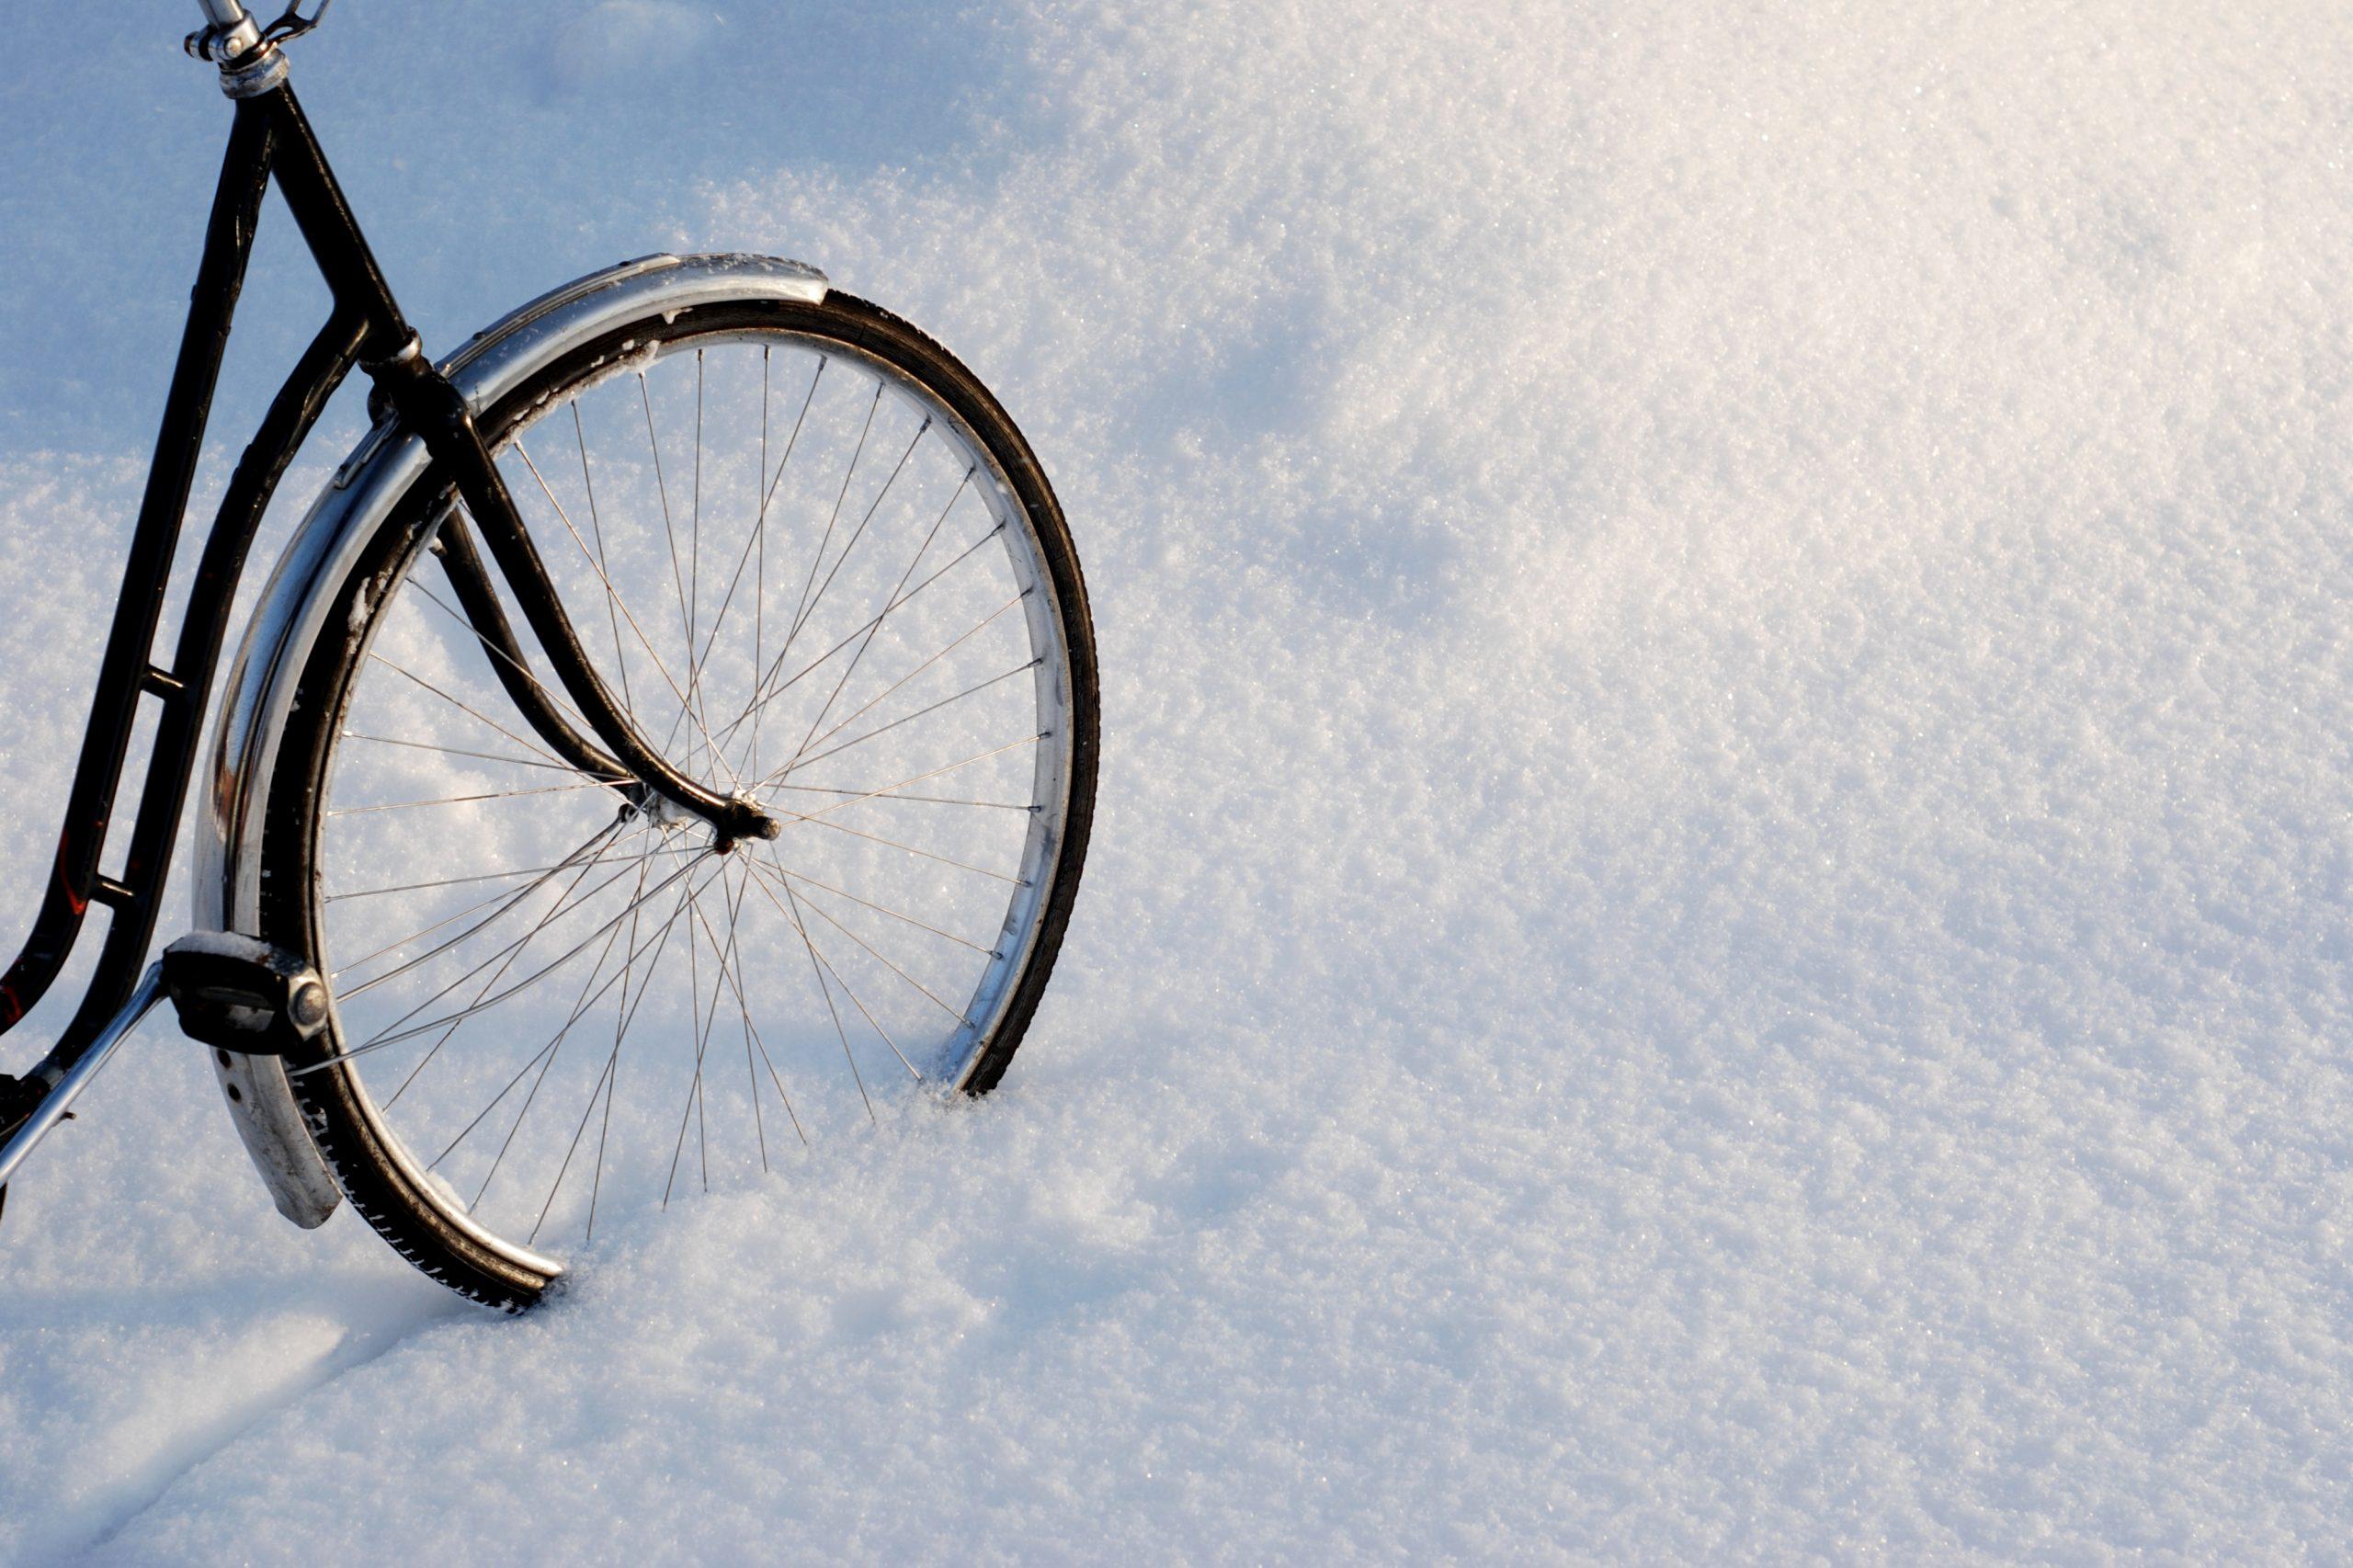 PorchLight Real Estate - Real Estate Denver - Bike in Snow